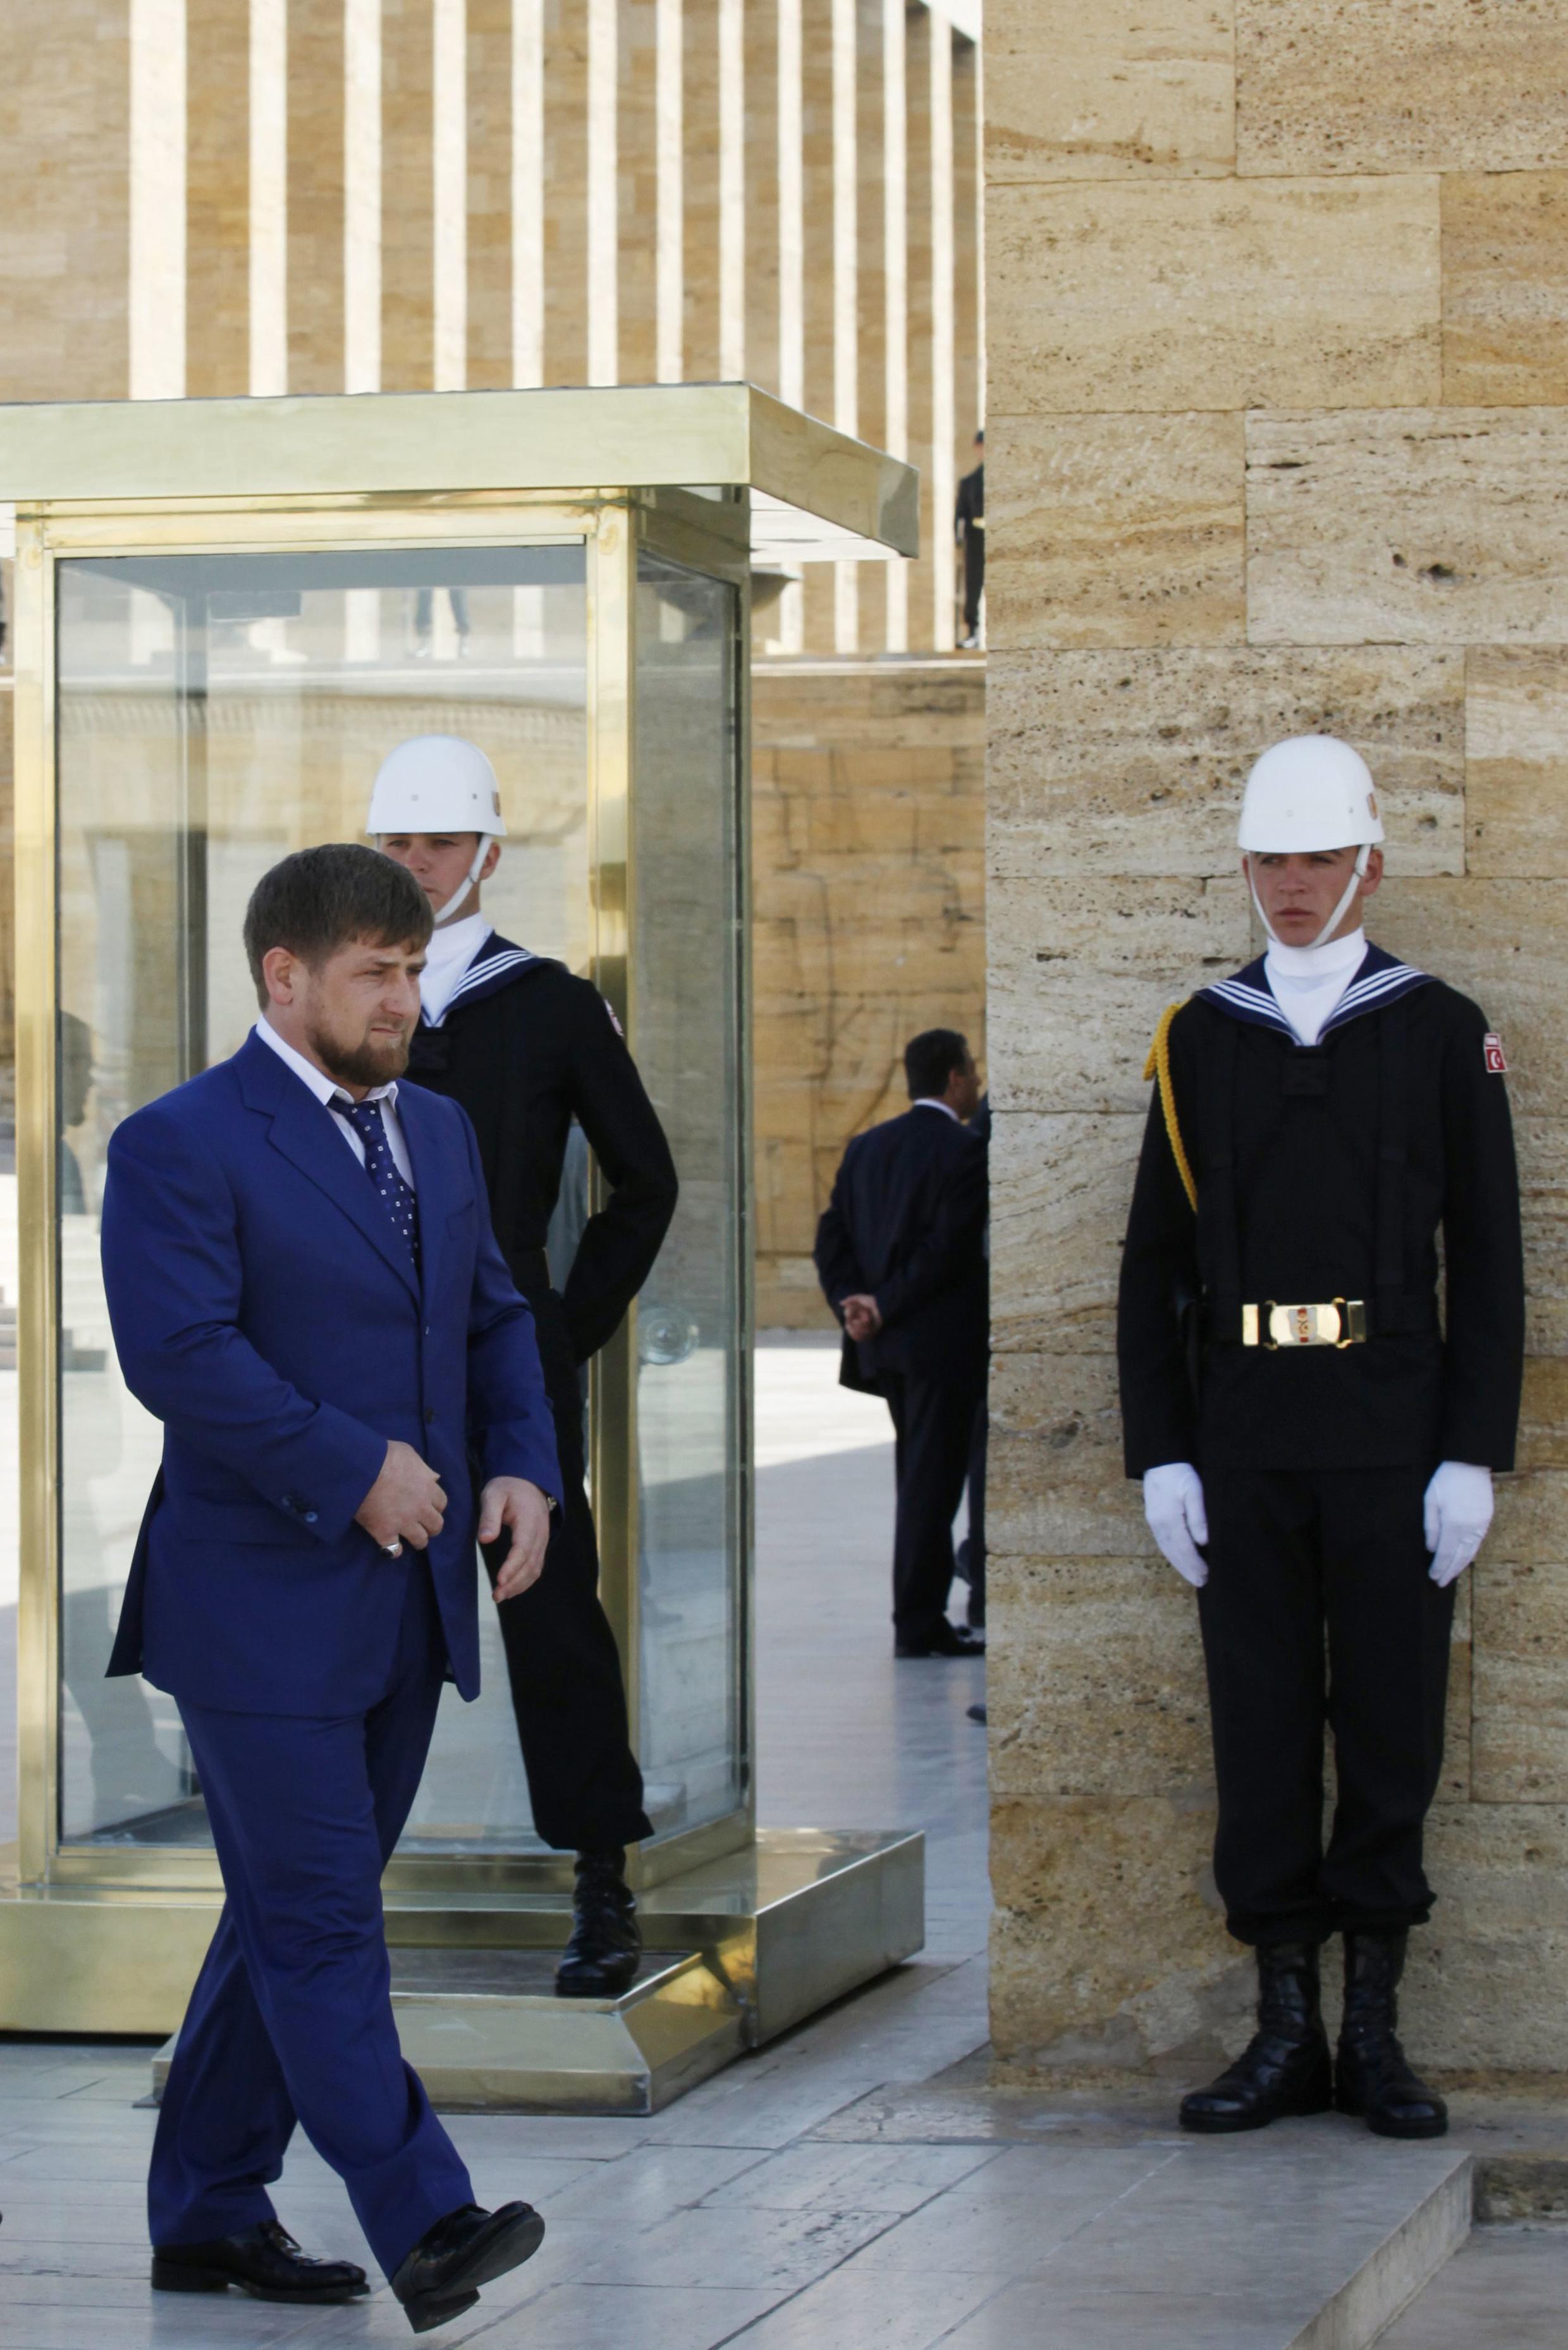 Рамзан Кадыров на выходе из Мавзолея Мустафы Кемаля Ататюрка в Анкаре.